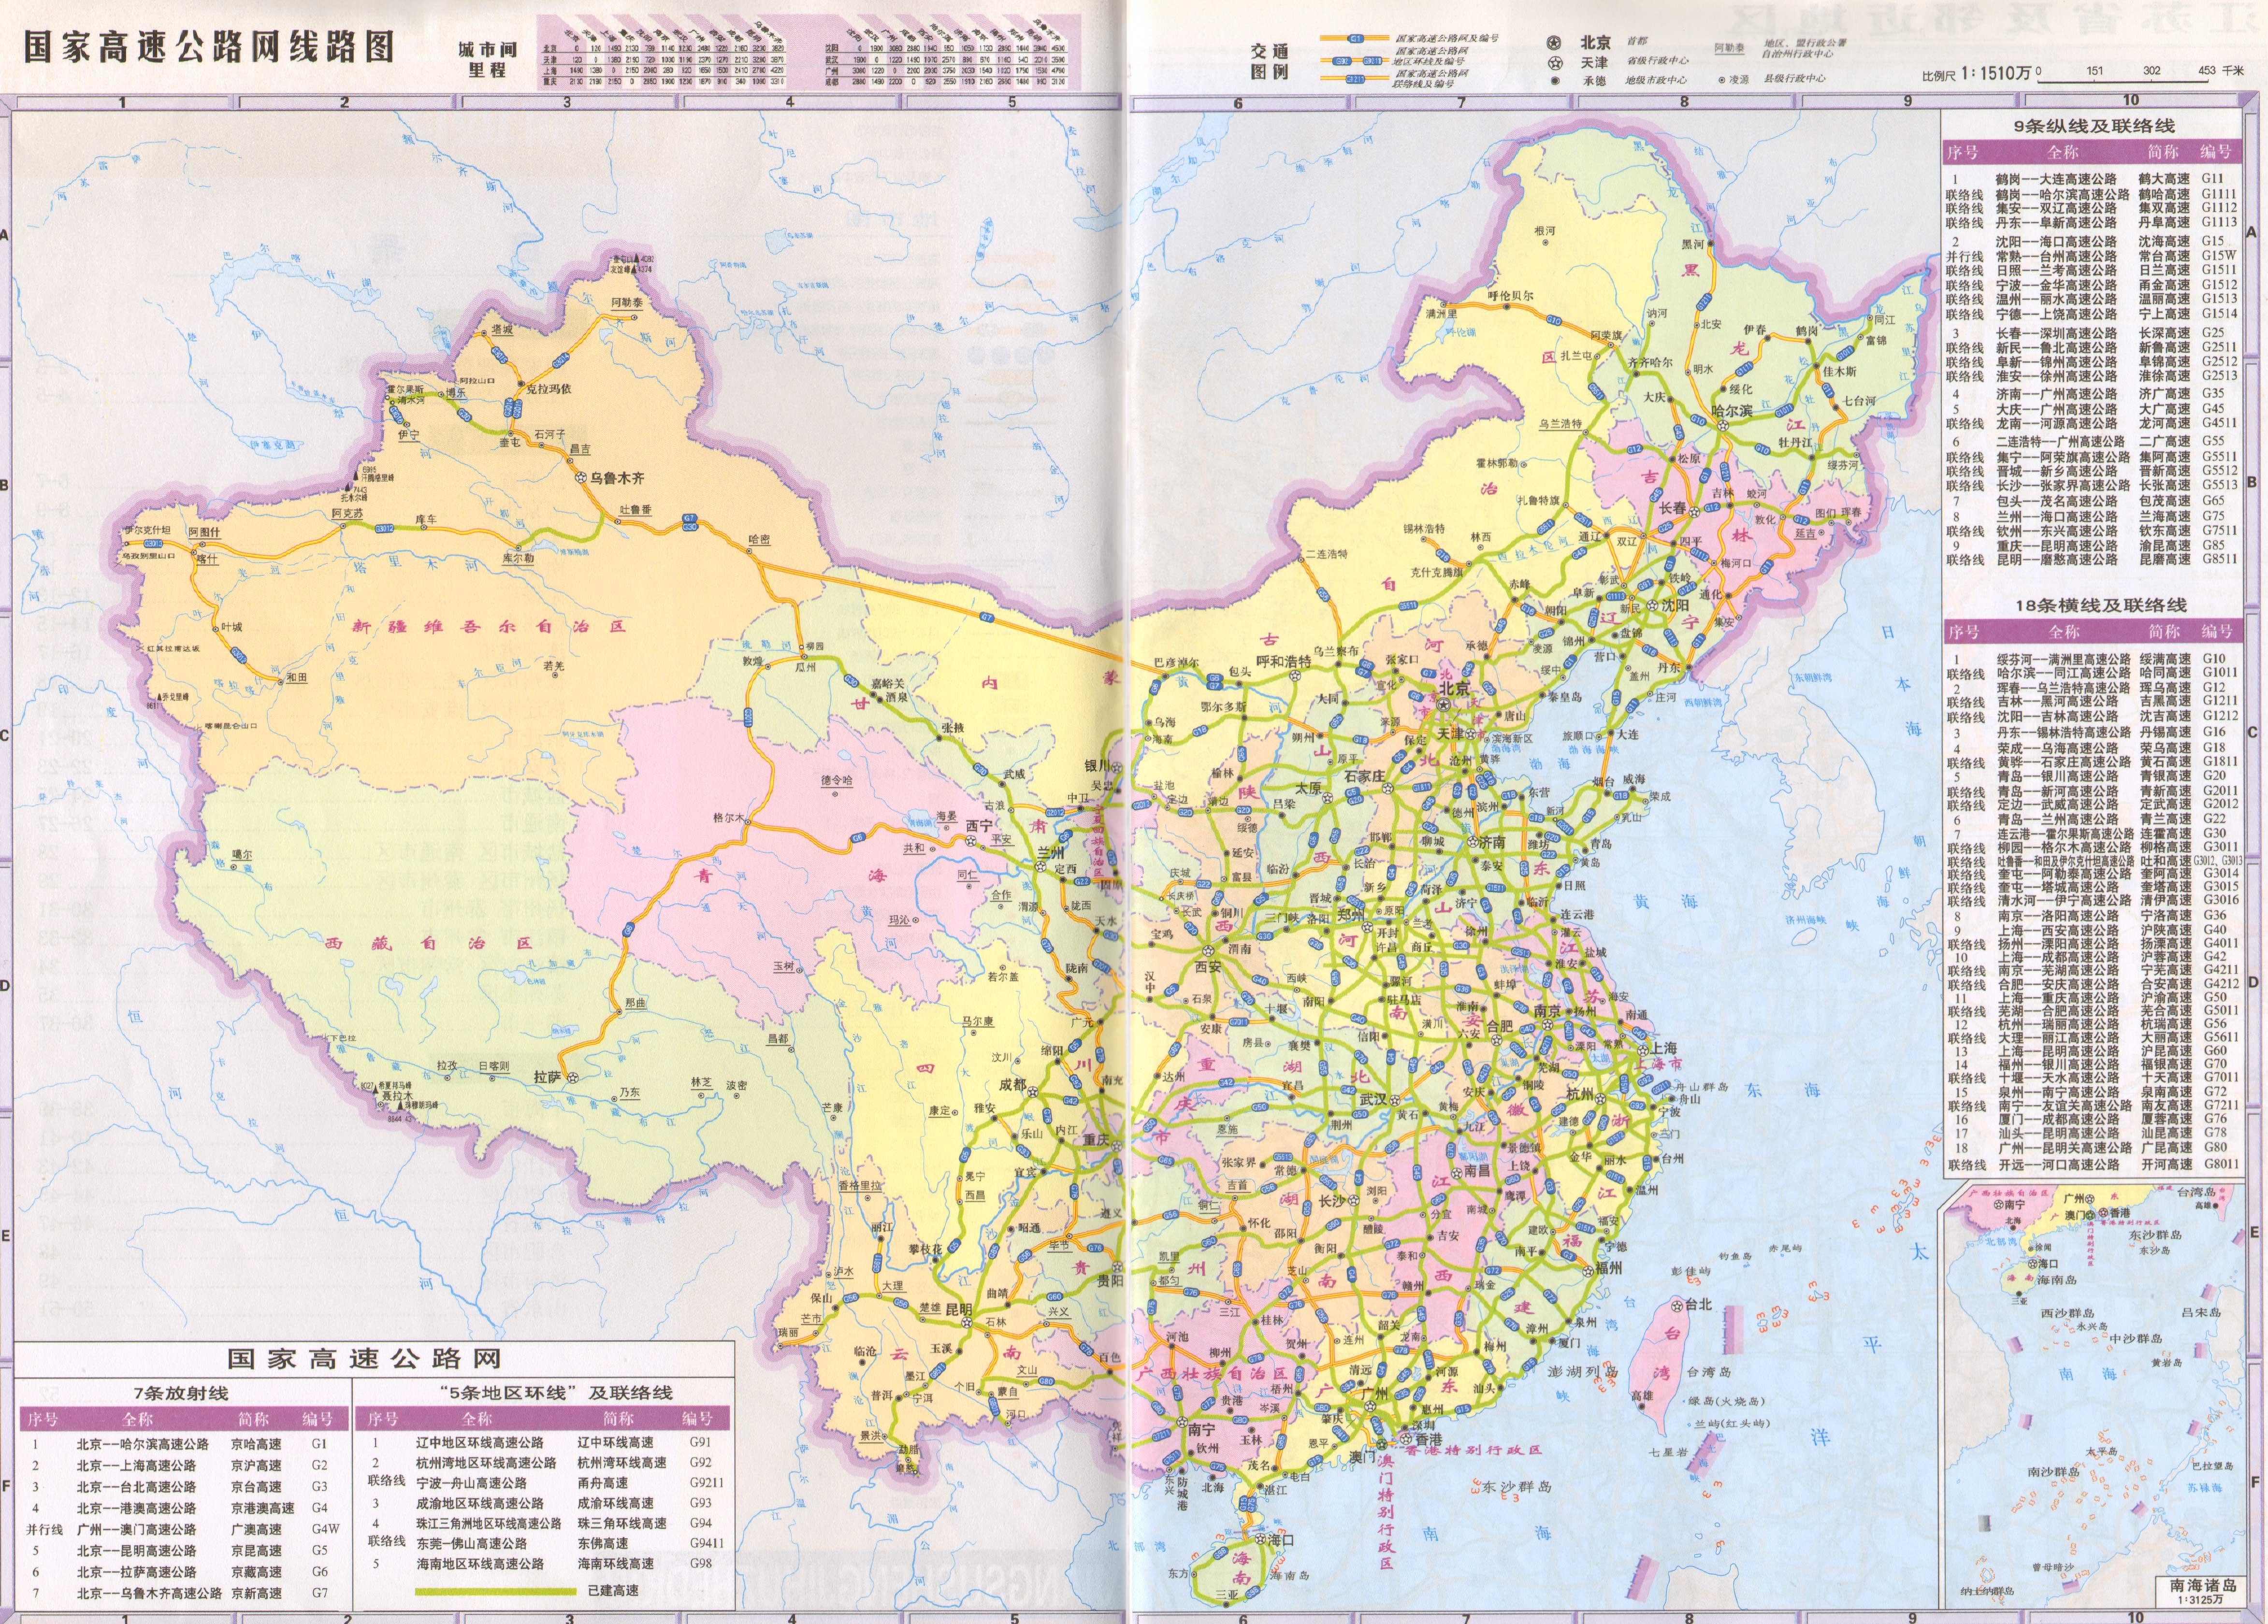 国家高速公路网线路图_中国地图地图库_地图窝图片